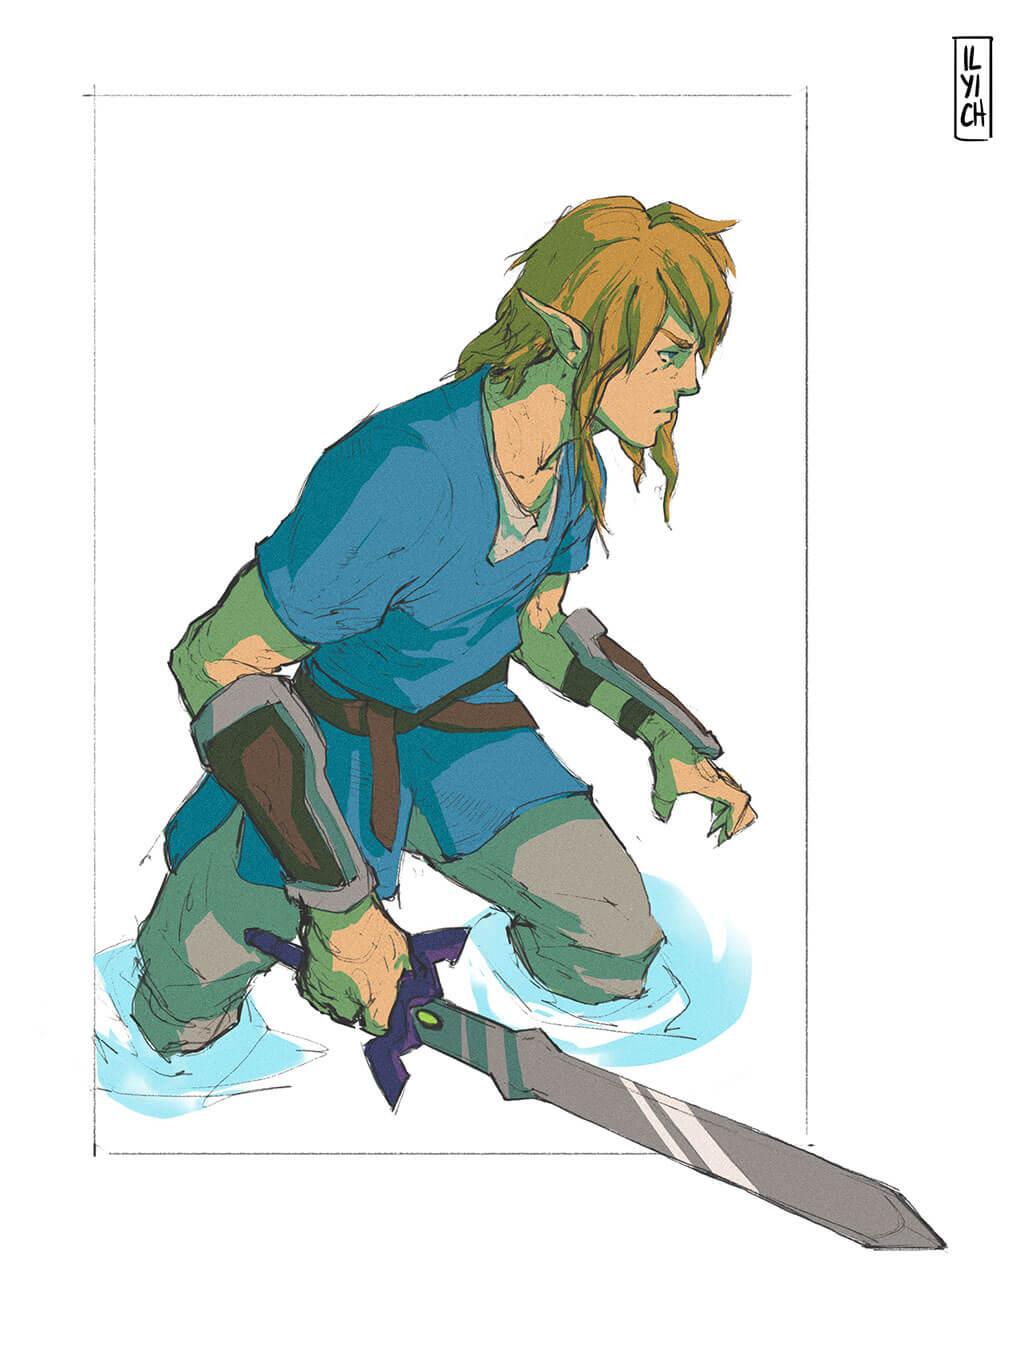 Zelda Fan Art by Pablo Ilyich